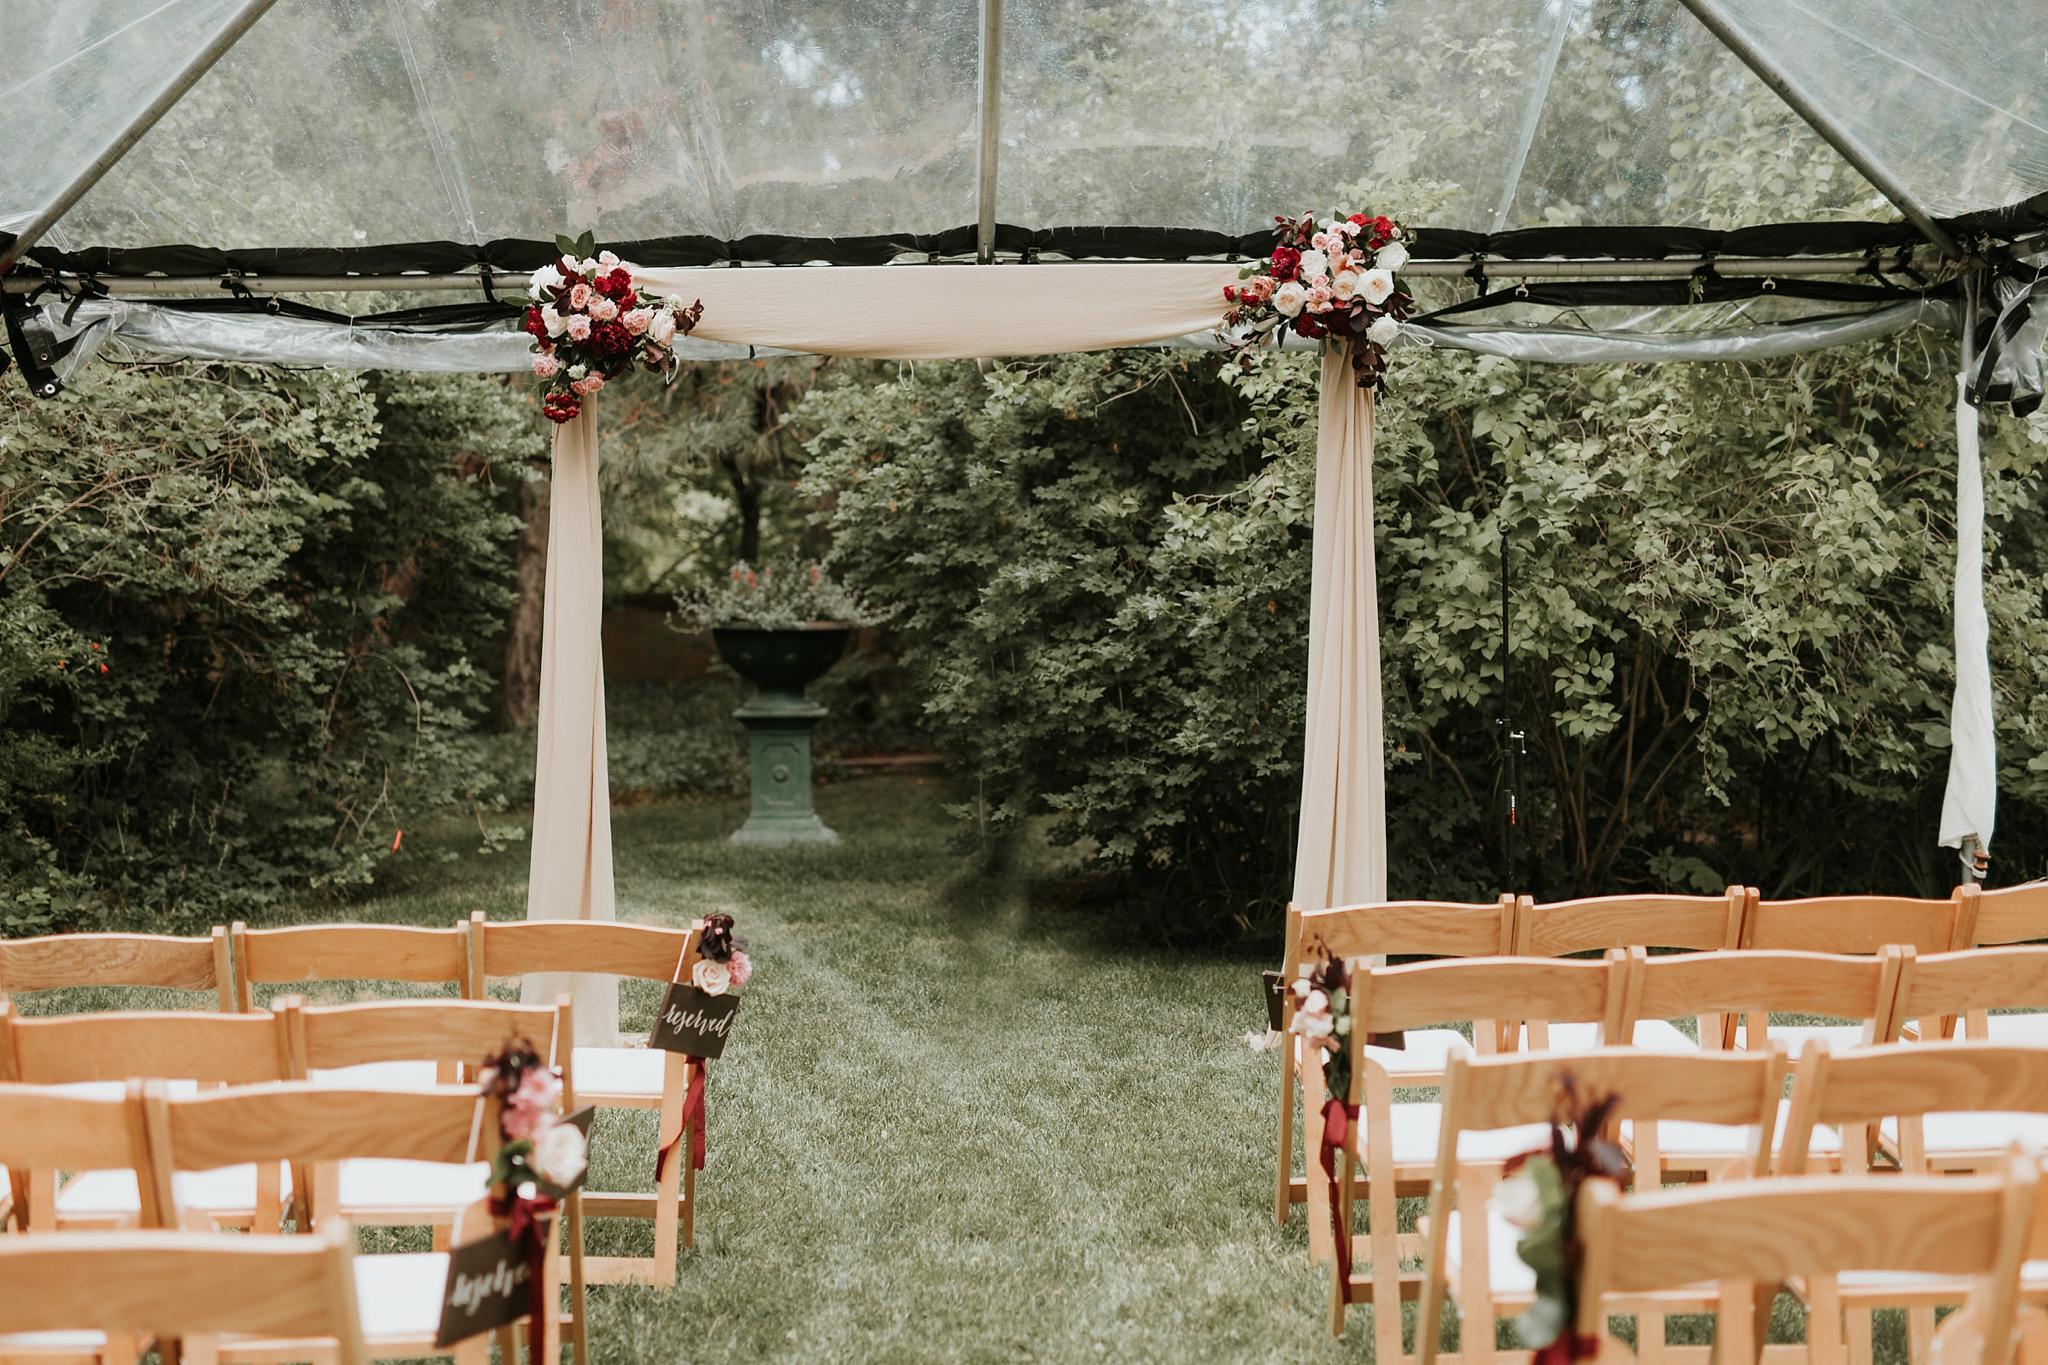 Alicia+lucia+photography+-+albuquerque+wedding+photographer+-+santa+fe+wedding+photography+-+new+mexico+wedding+photographer+-+wedding+ceremony+-+wedding+alter+-+floral+alter_0032.jpg